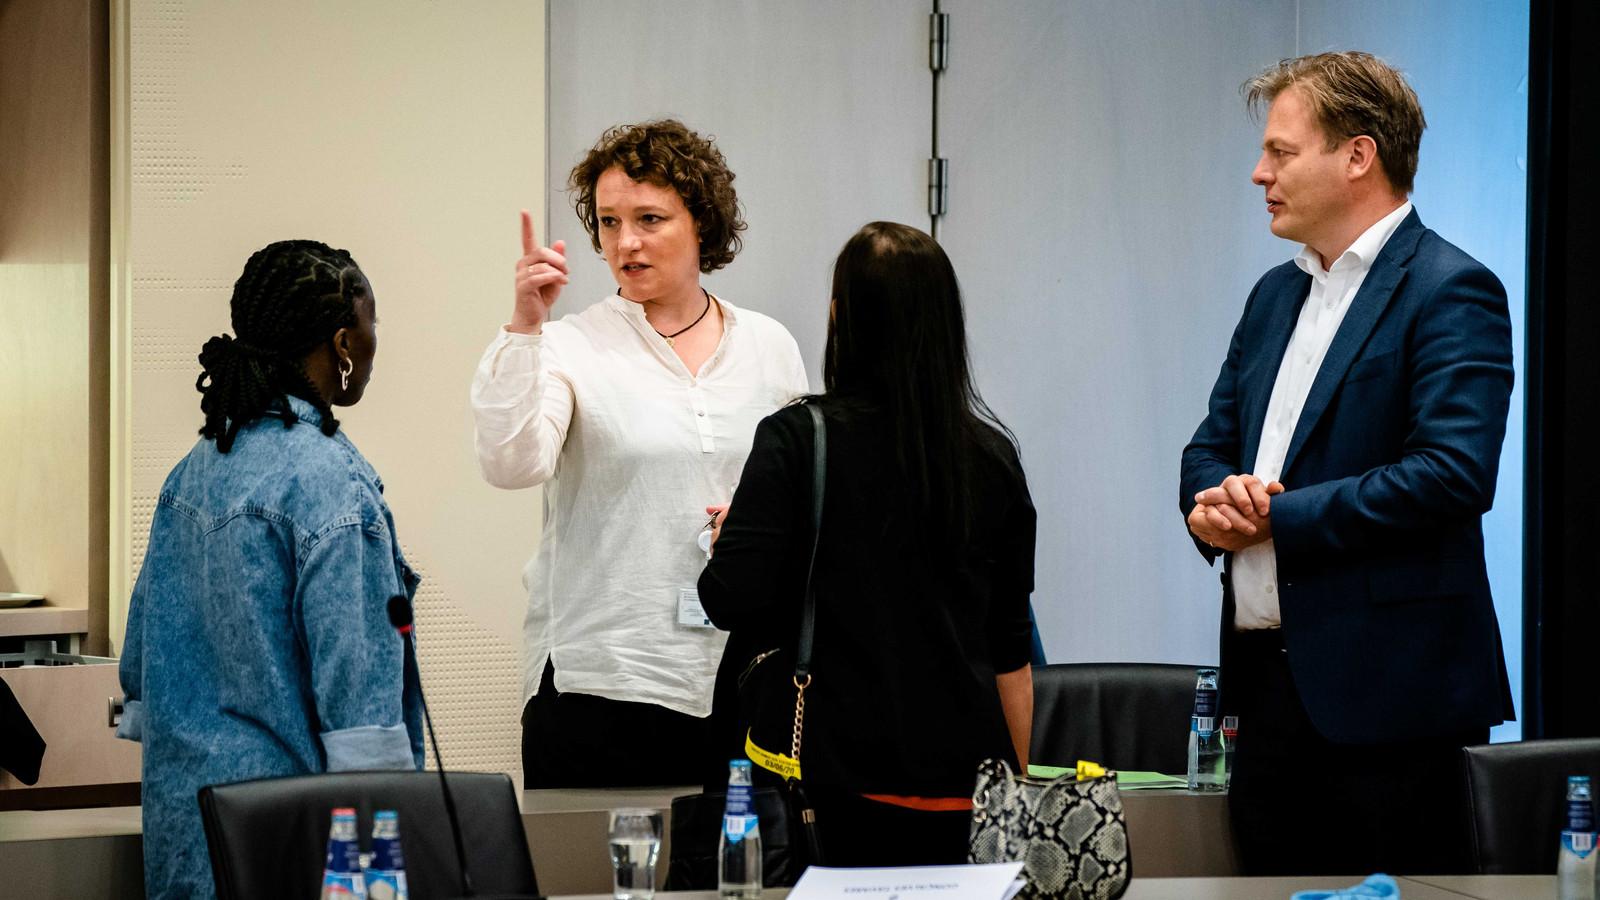 Renske Leijten (SP) en Pieter Omtzigt (CDA) praten met gedupeerden Tamara de Haas en Dulce Gonalves Tavares tijdens een openbaar gesprek in de Tweede Kamer met ouders, advocatuur en ombudsman over de Wet hardheidsaanpassing Awir.